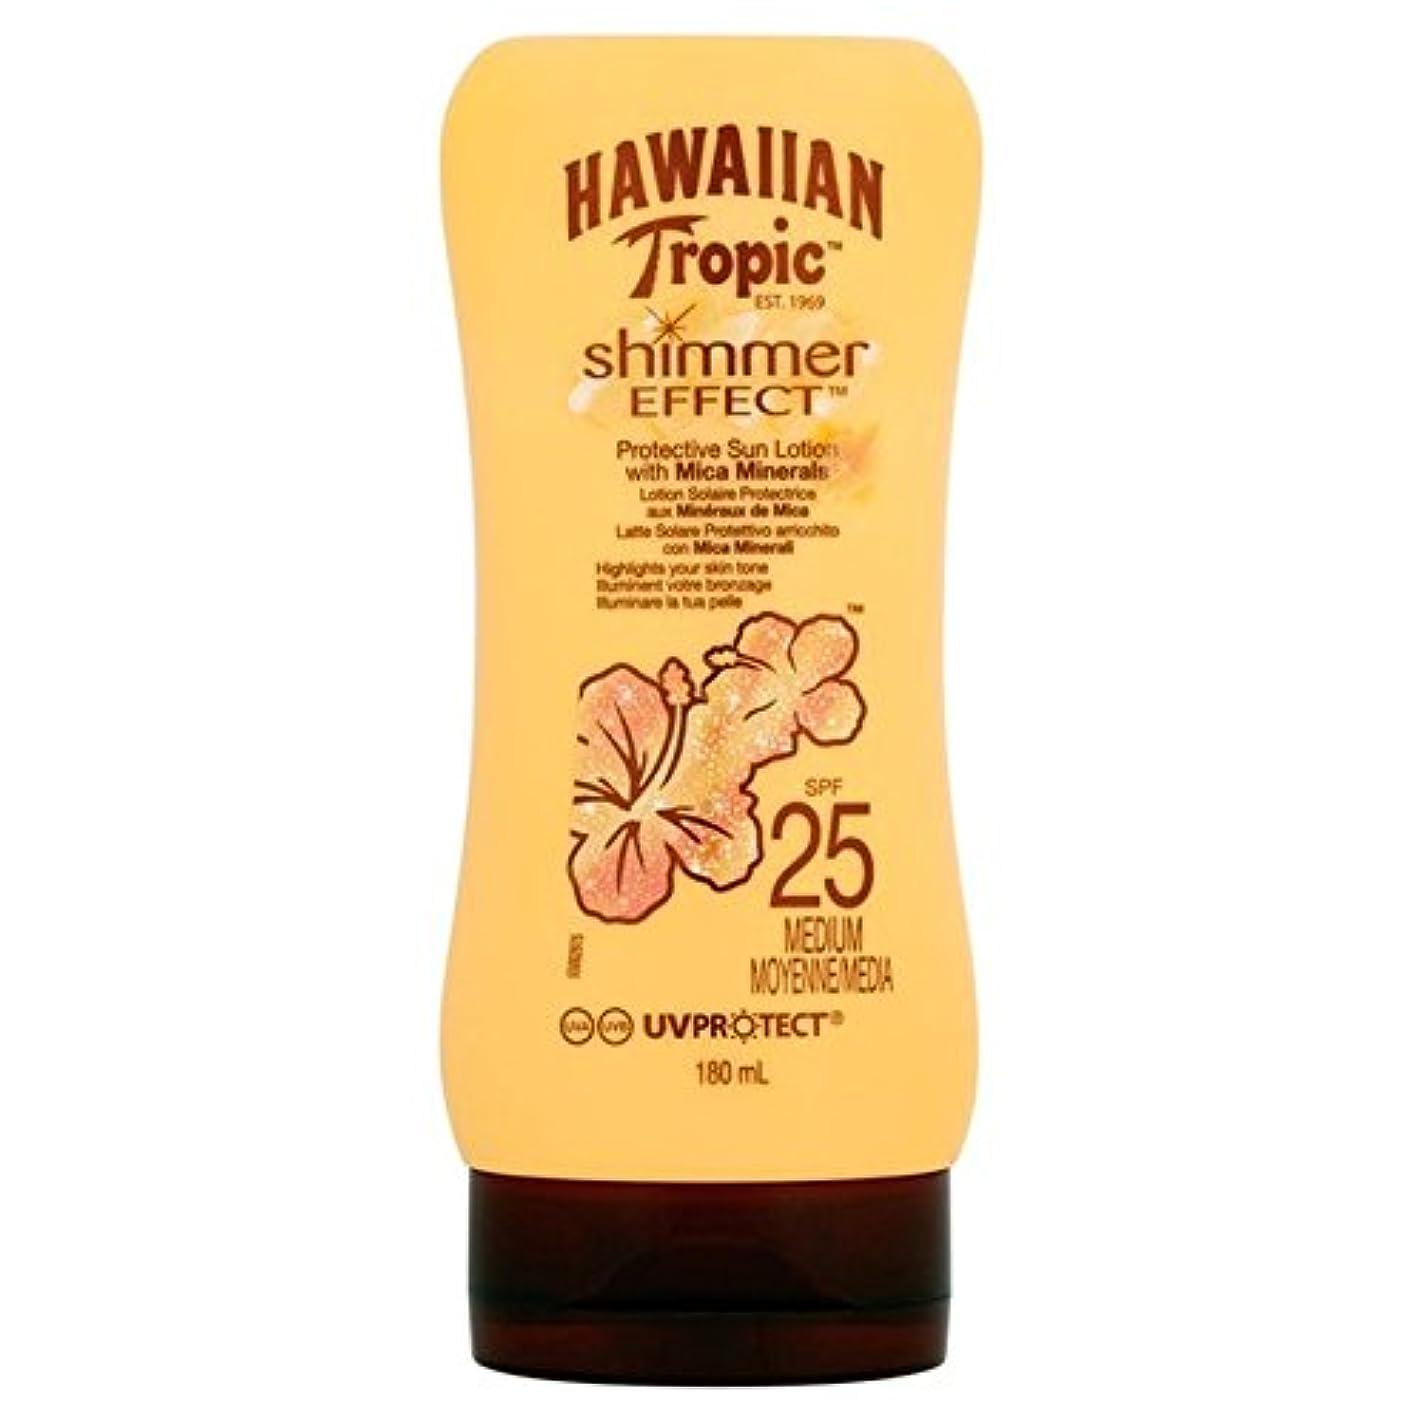 区別するフィールド農夫南国ハワイシルクきらめき効果の日焼け止めクリーム 25 180ミリリットル x4 - Hawaiian Tropic Silk Shimmer Effect Sun Cream SPF 25 180ml (Pack of 4) [並行輸入品]